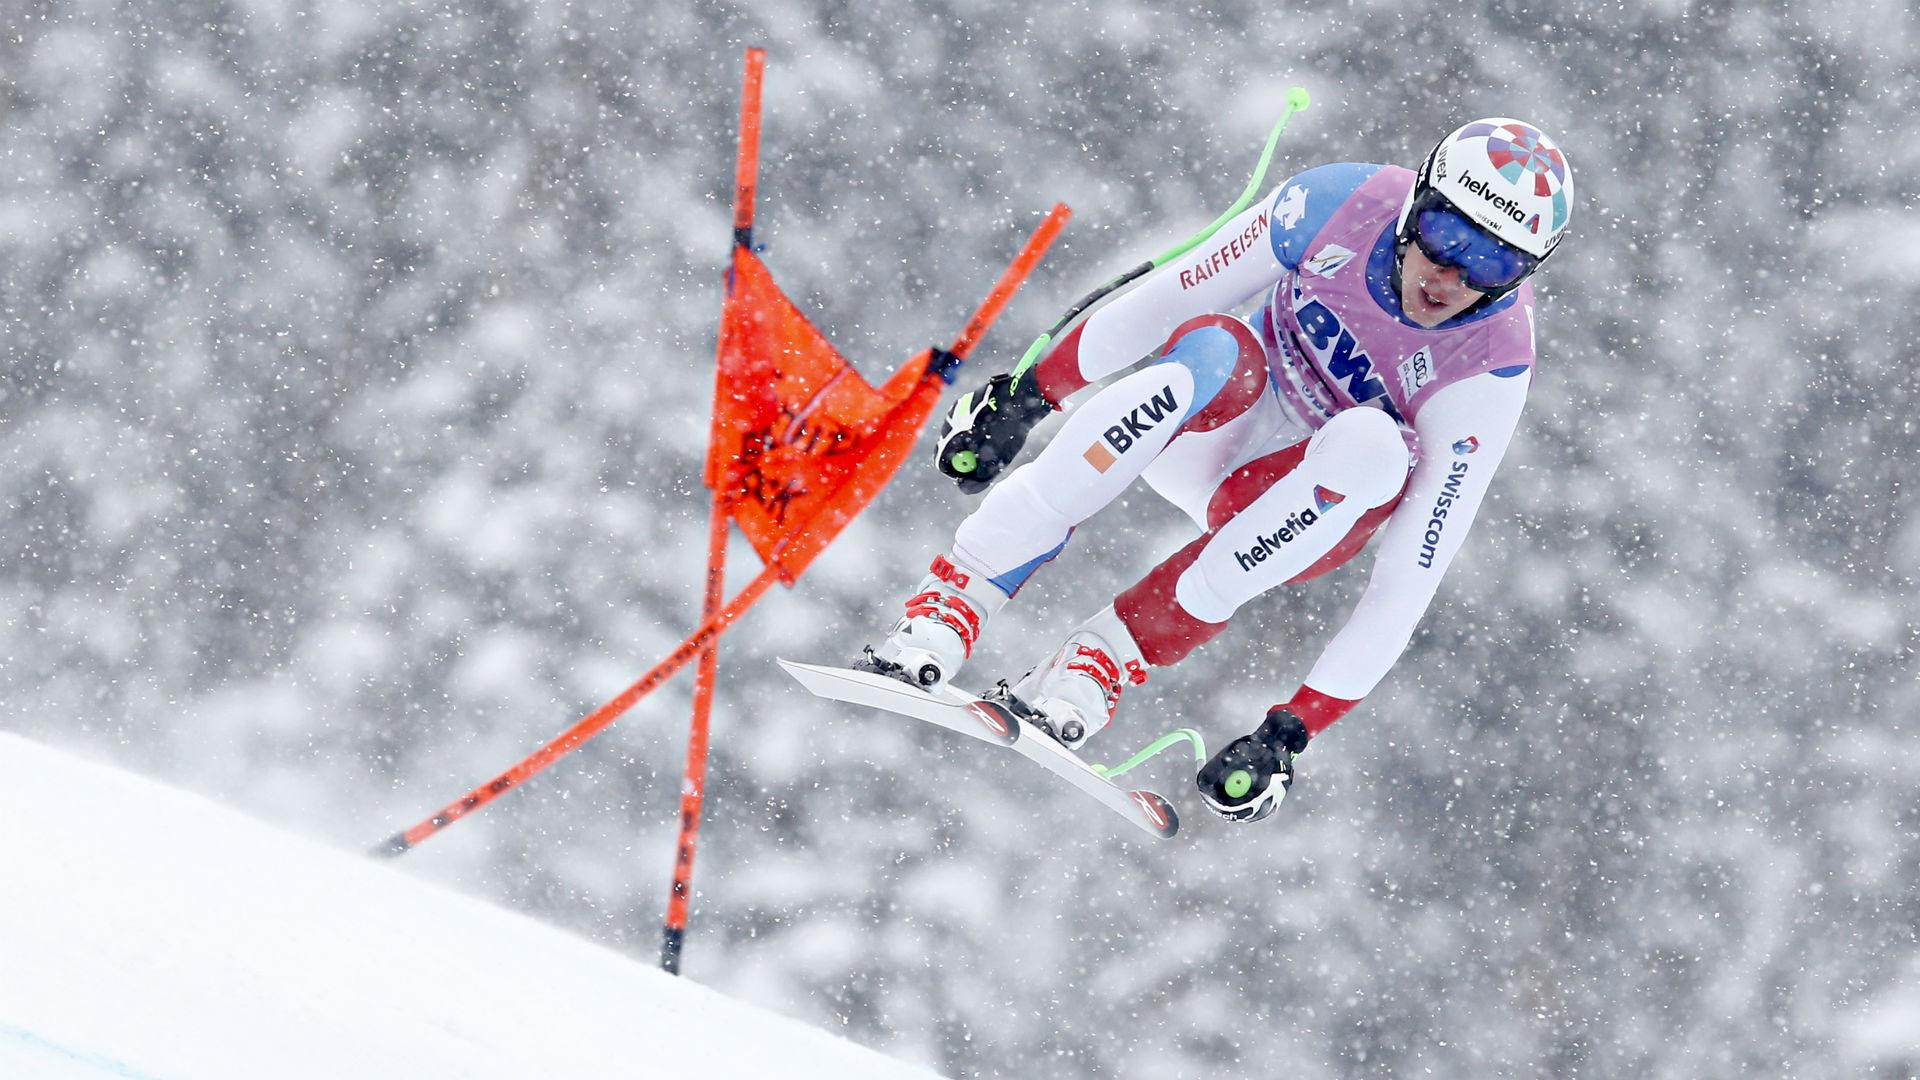 Gisin avoids serious damage to skull and spine in val gardena crash jpg  1920x1080 Skier skull b1c3fe220